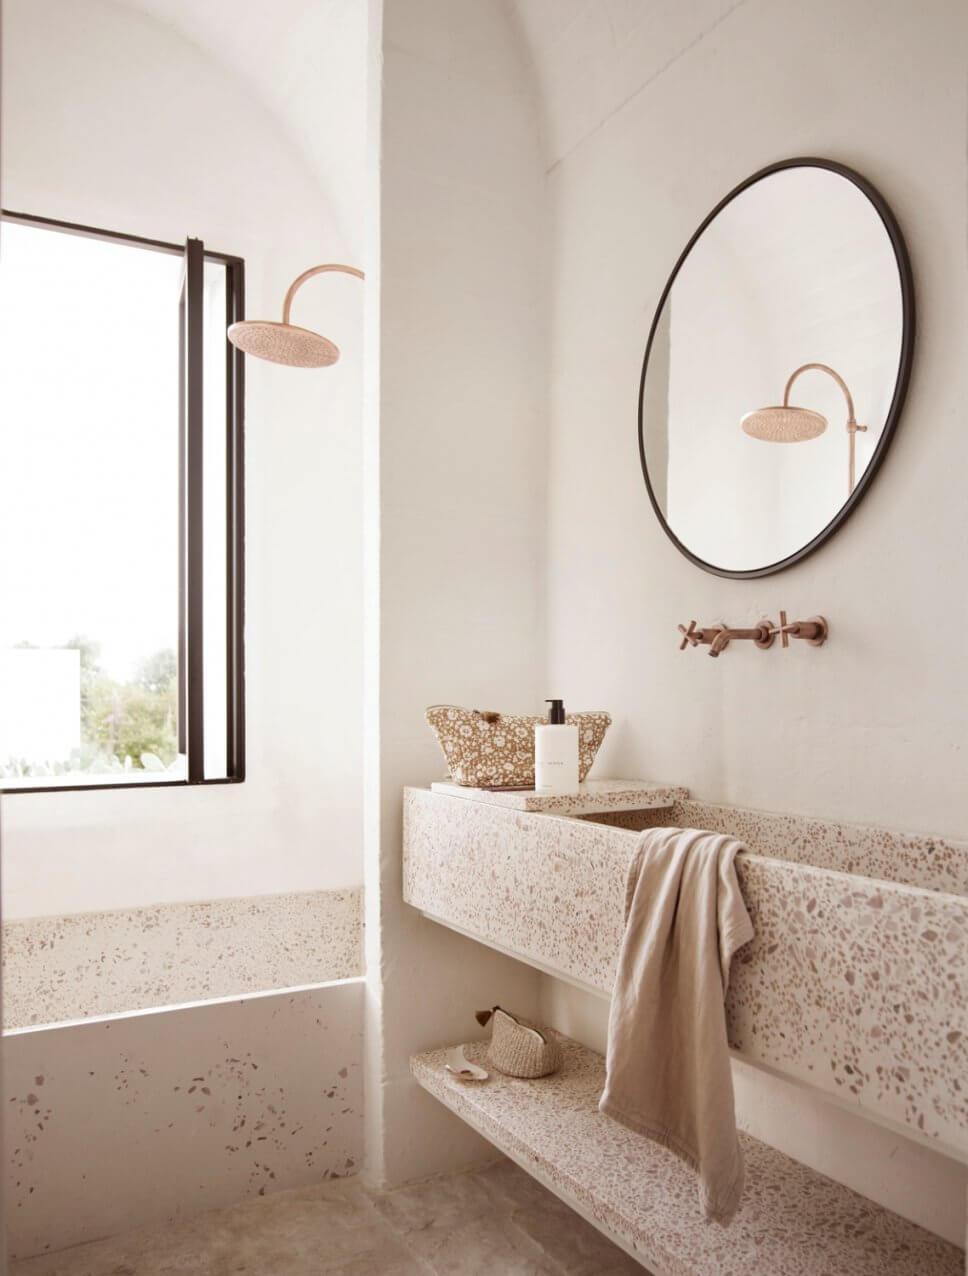 Badezimmer mit Dusche und langem Waschbecken in mediterranem Haus mit steinerner Gewölbedecke